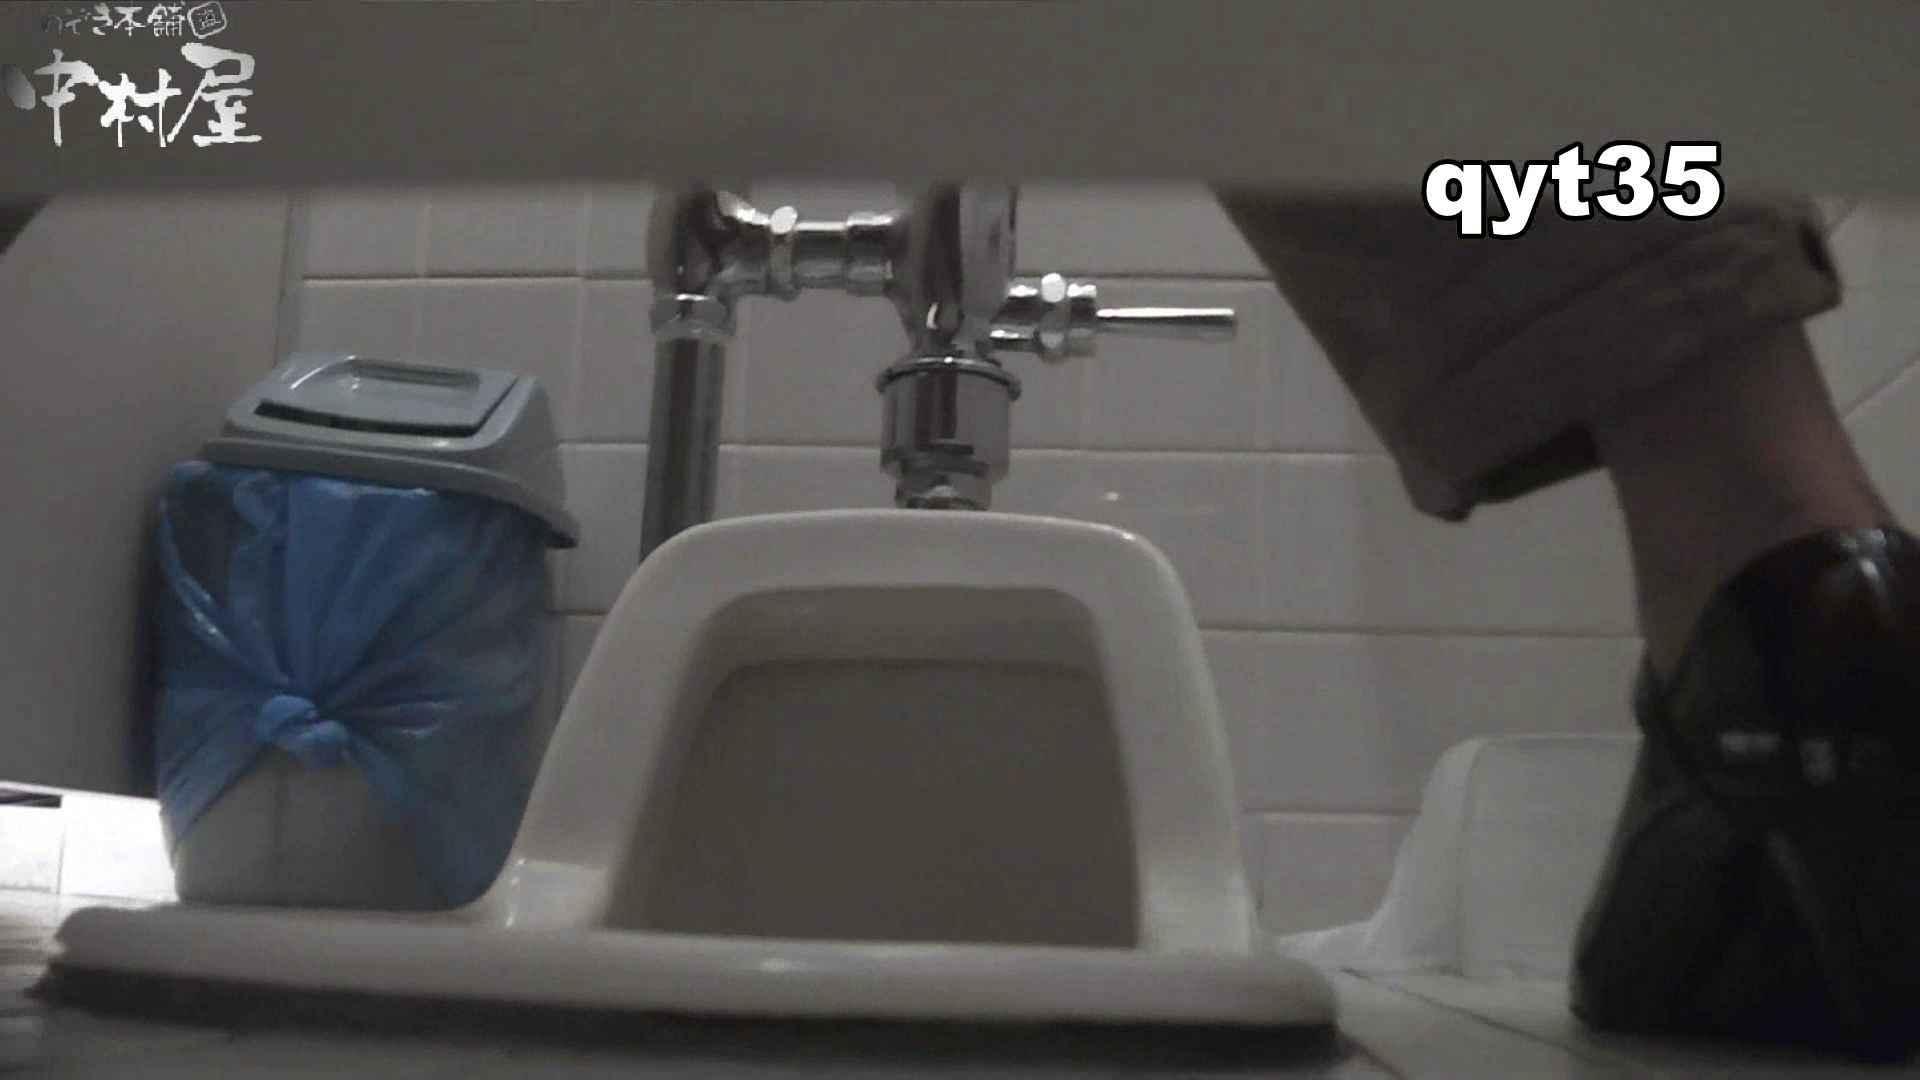 【お銀さんの「洗面所突入レポート!!」】お銀さんの「洗面所突入レポート!!」 vol.35 広げると出ます 洗面所 | 0  11枚 3